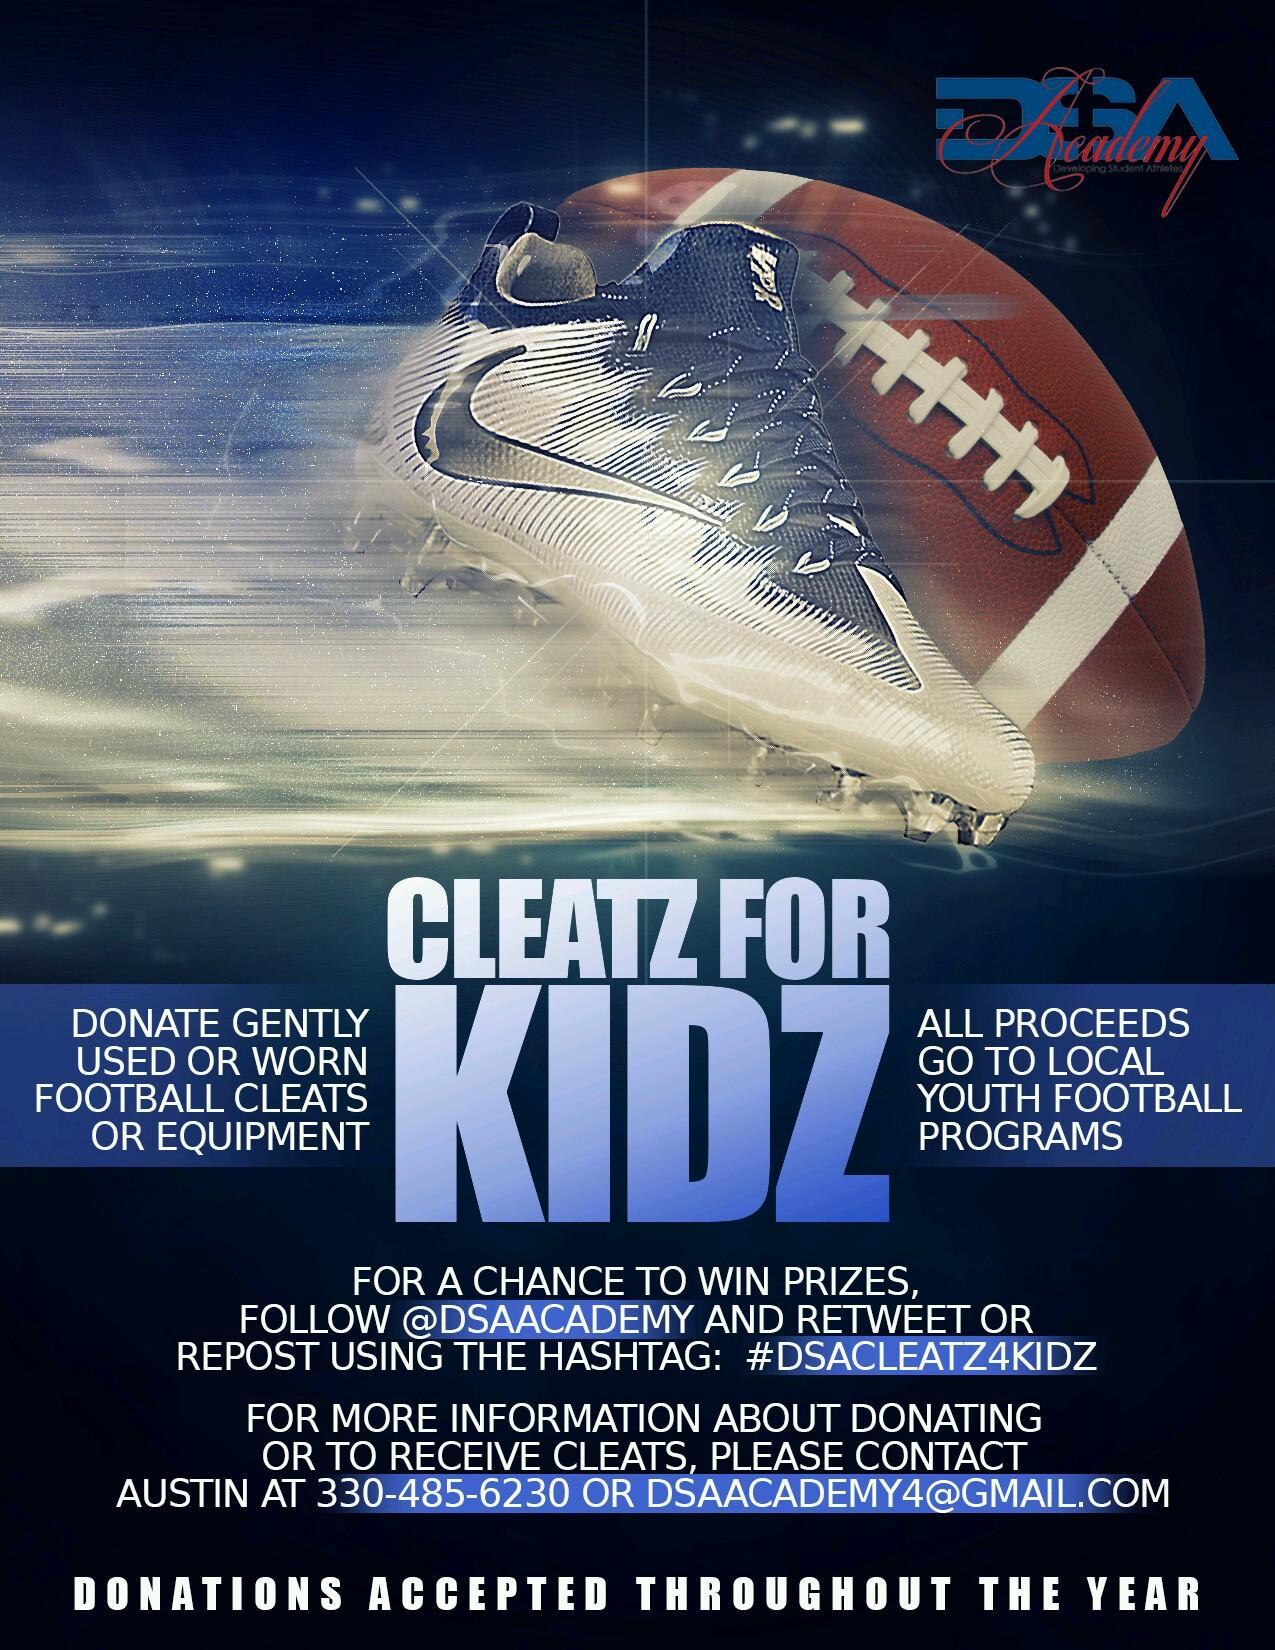 Cleatz for Kidz